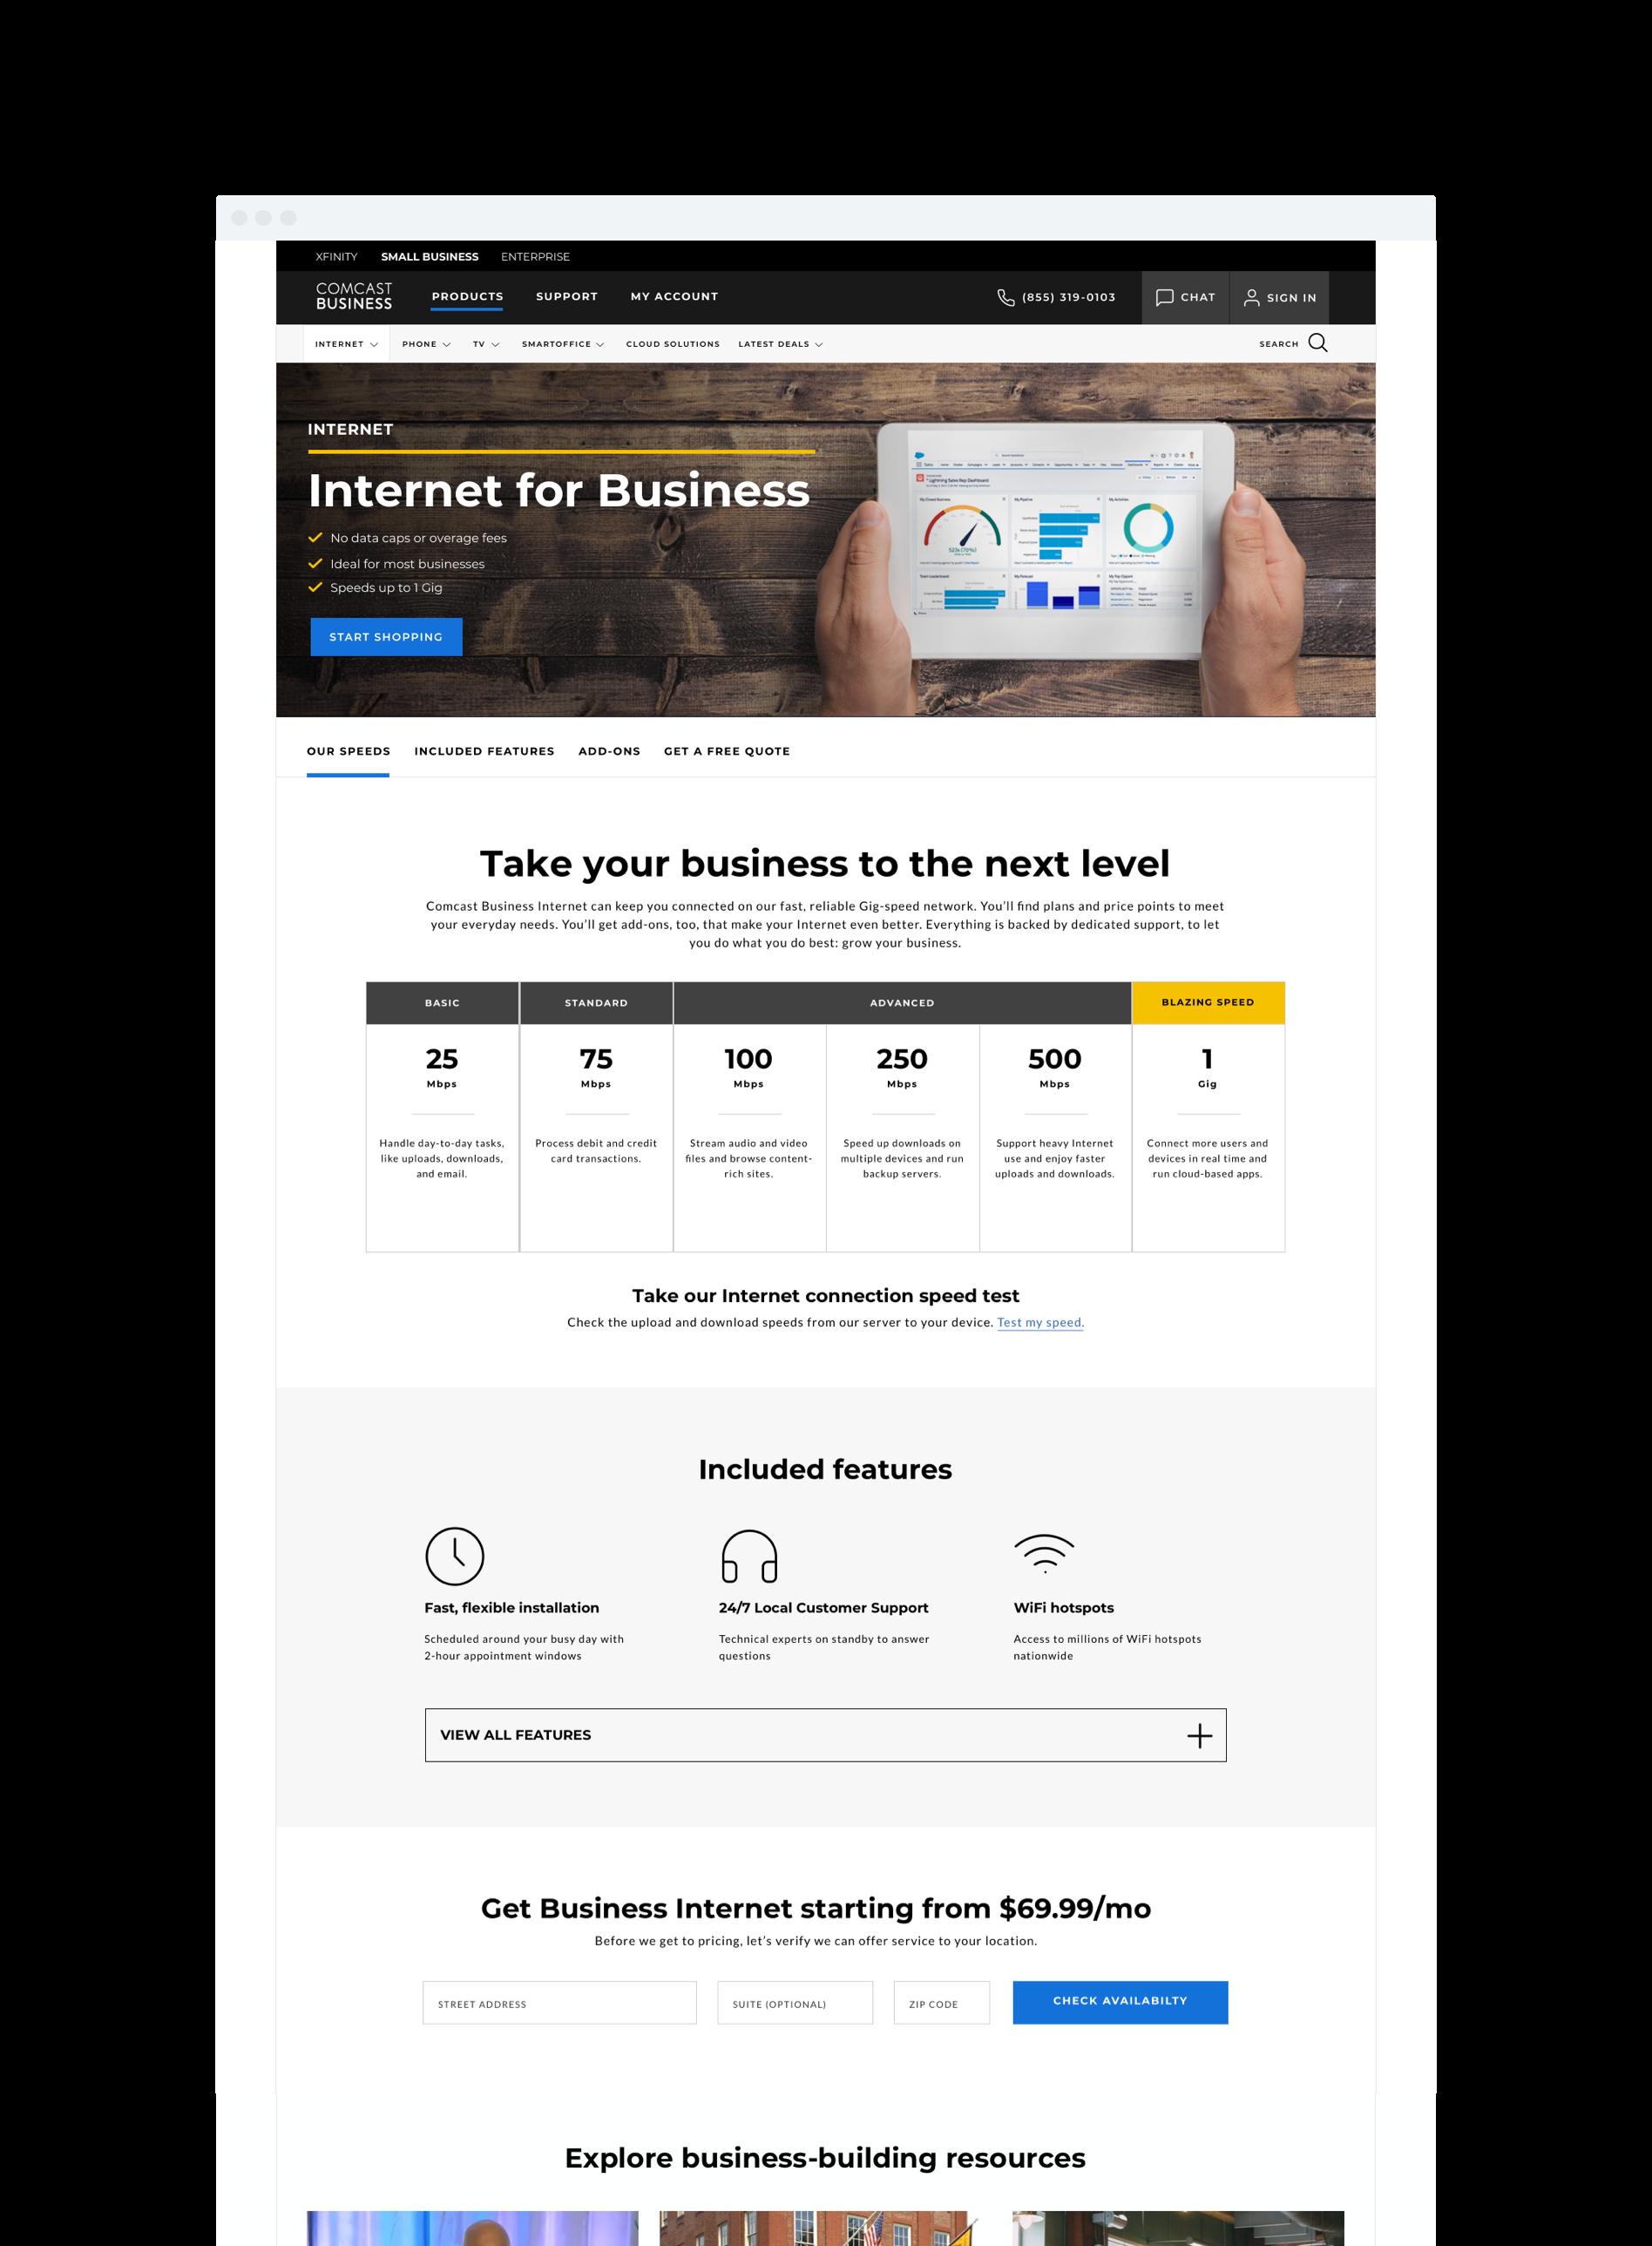 Comcast Business Business Internet